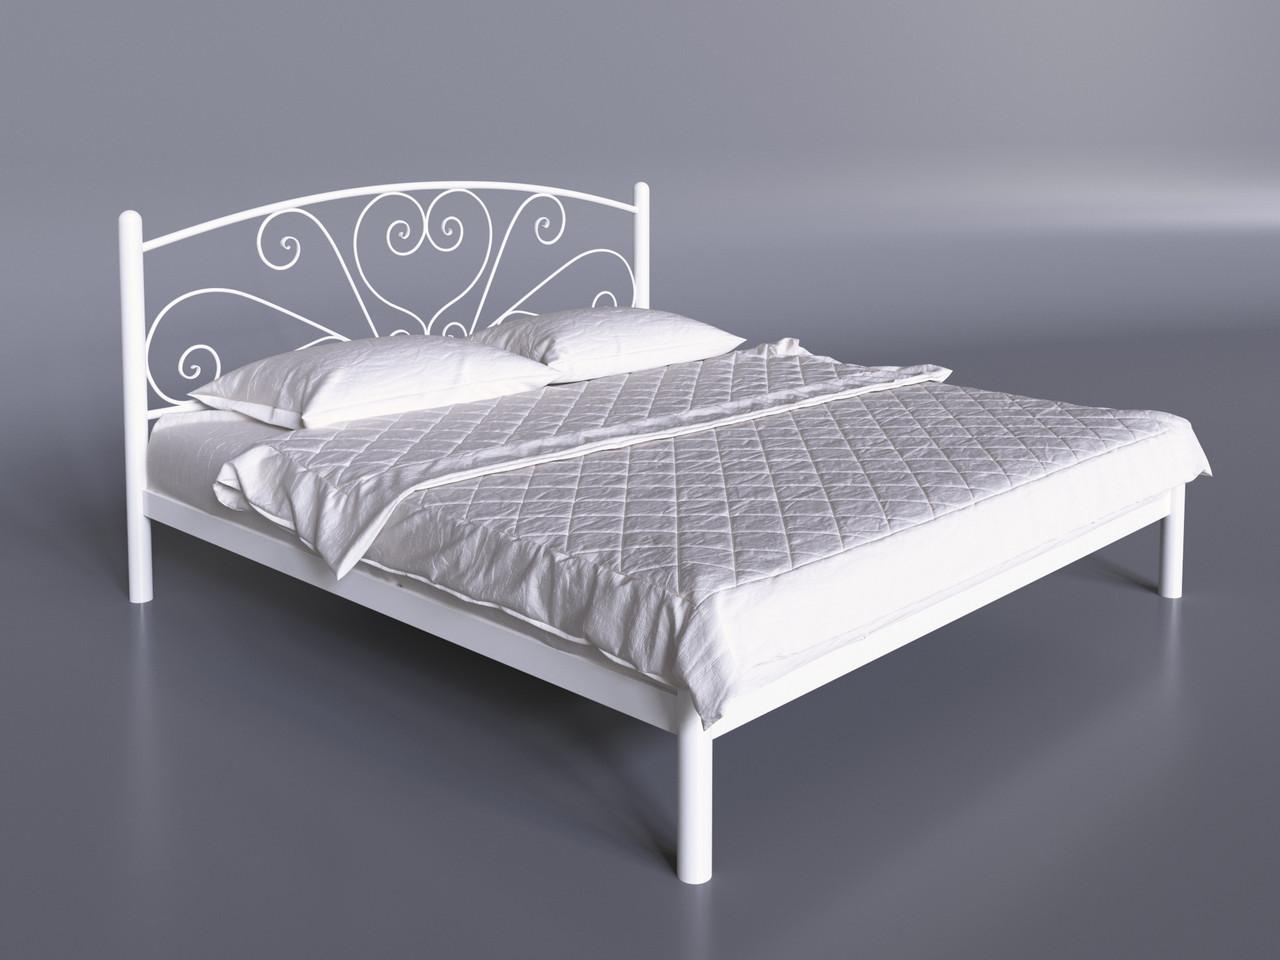 Двуспальная кровать Карисса Tenero белая с изголовьем на невысоких ножках металлическая